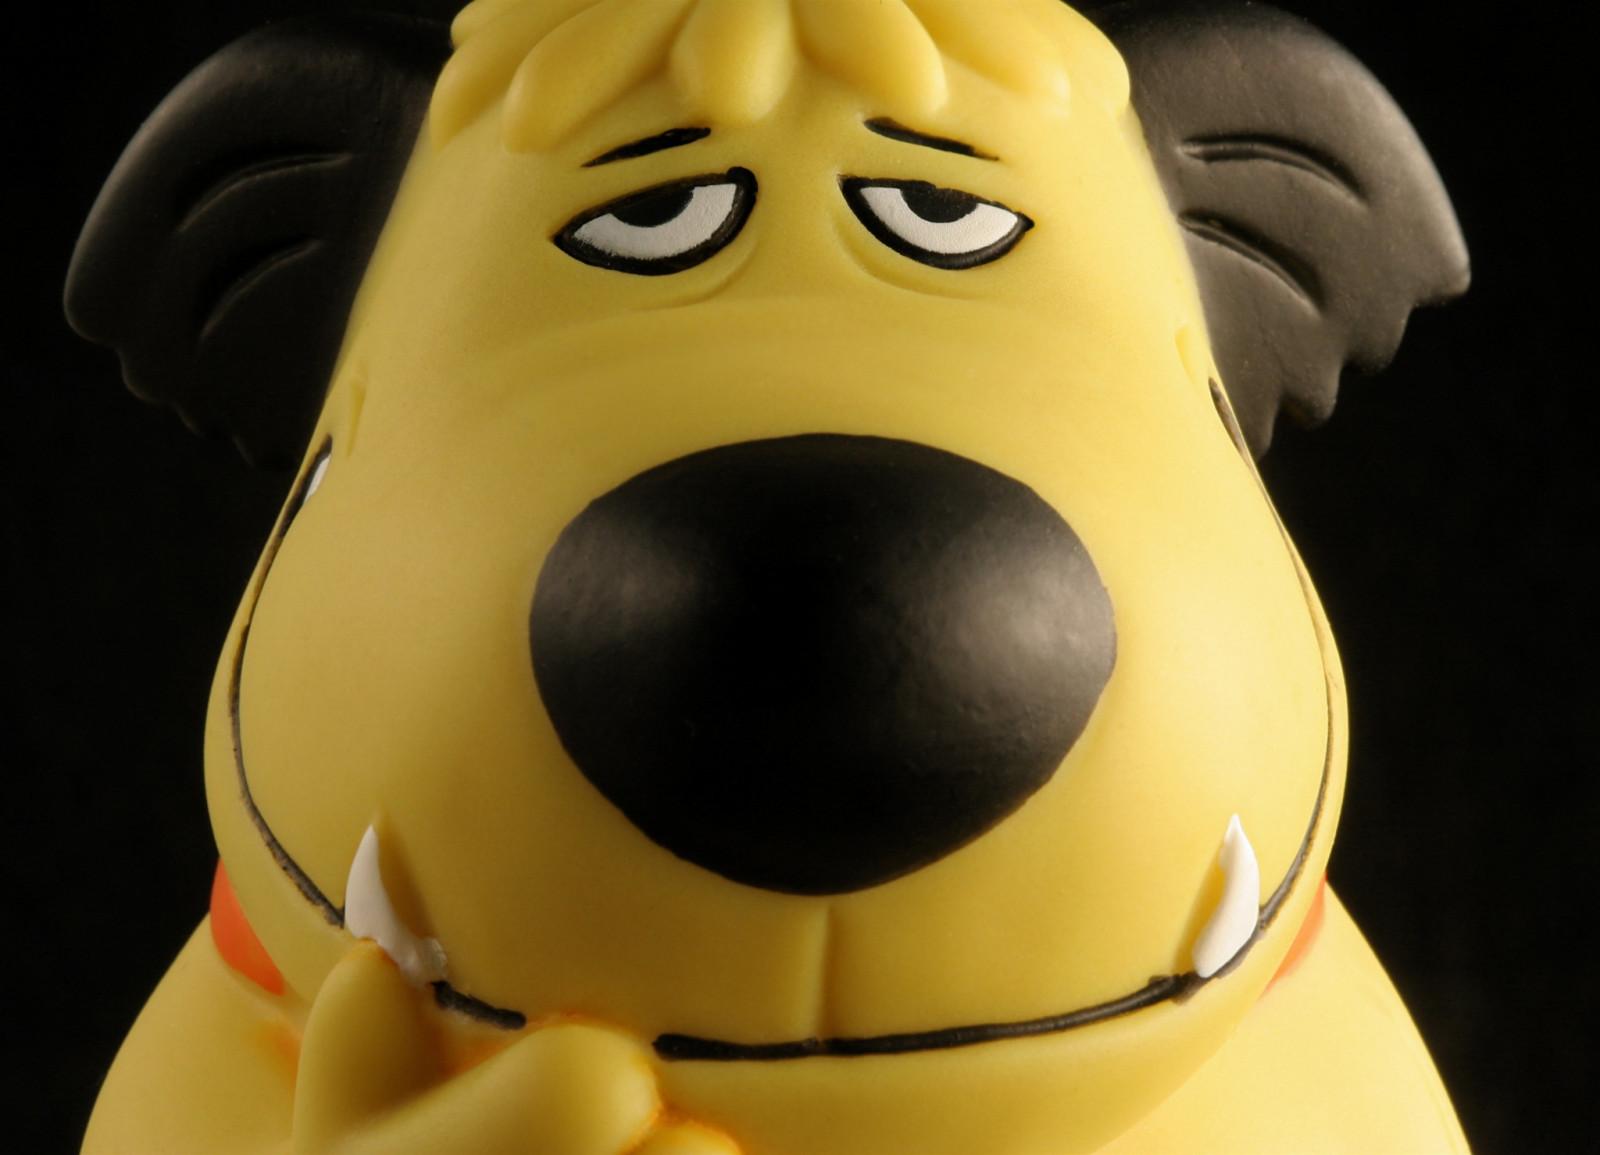 Sfondi : nero giallo cartone animato cane giocattolo sorriso